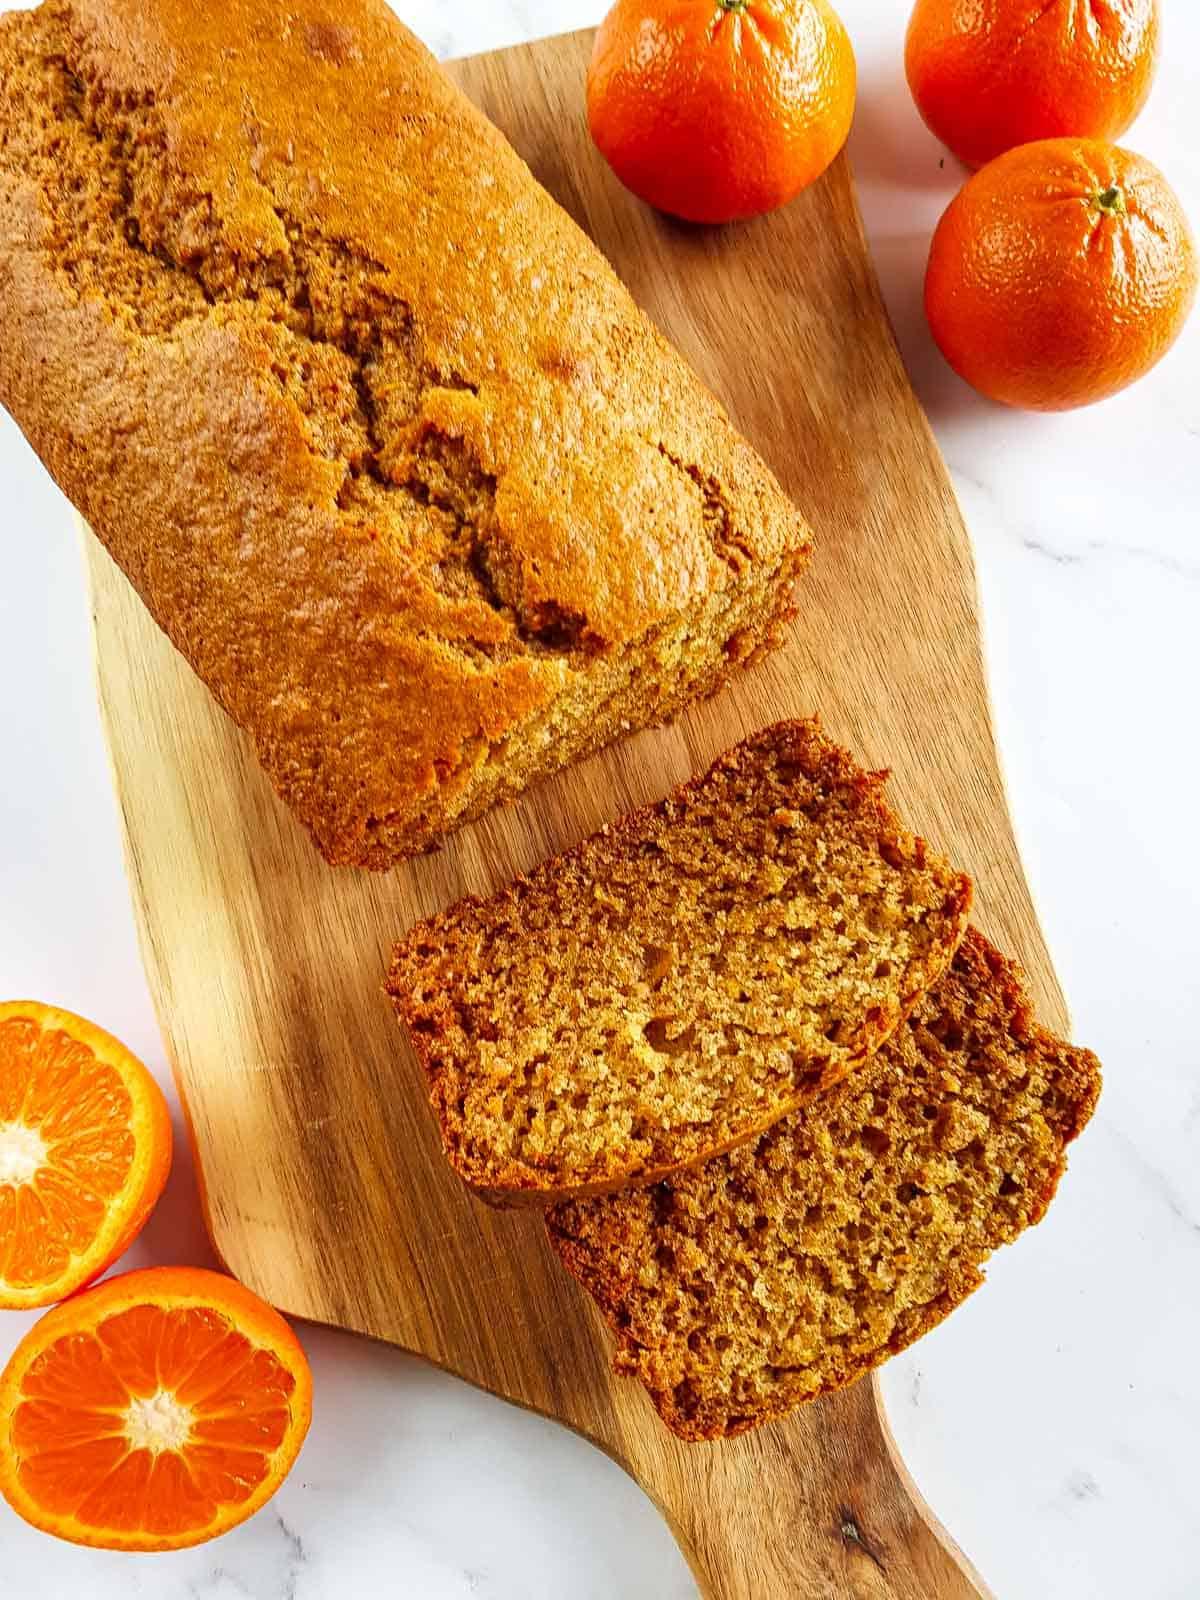 Orange loaf cake on a wooden board.